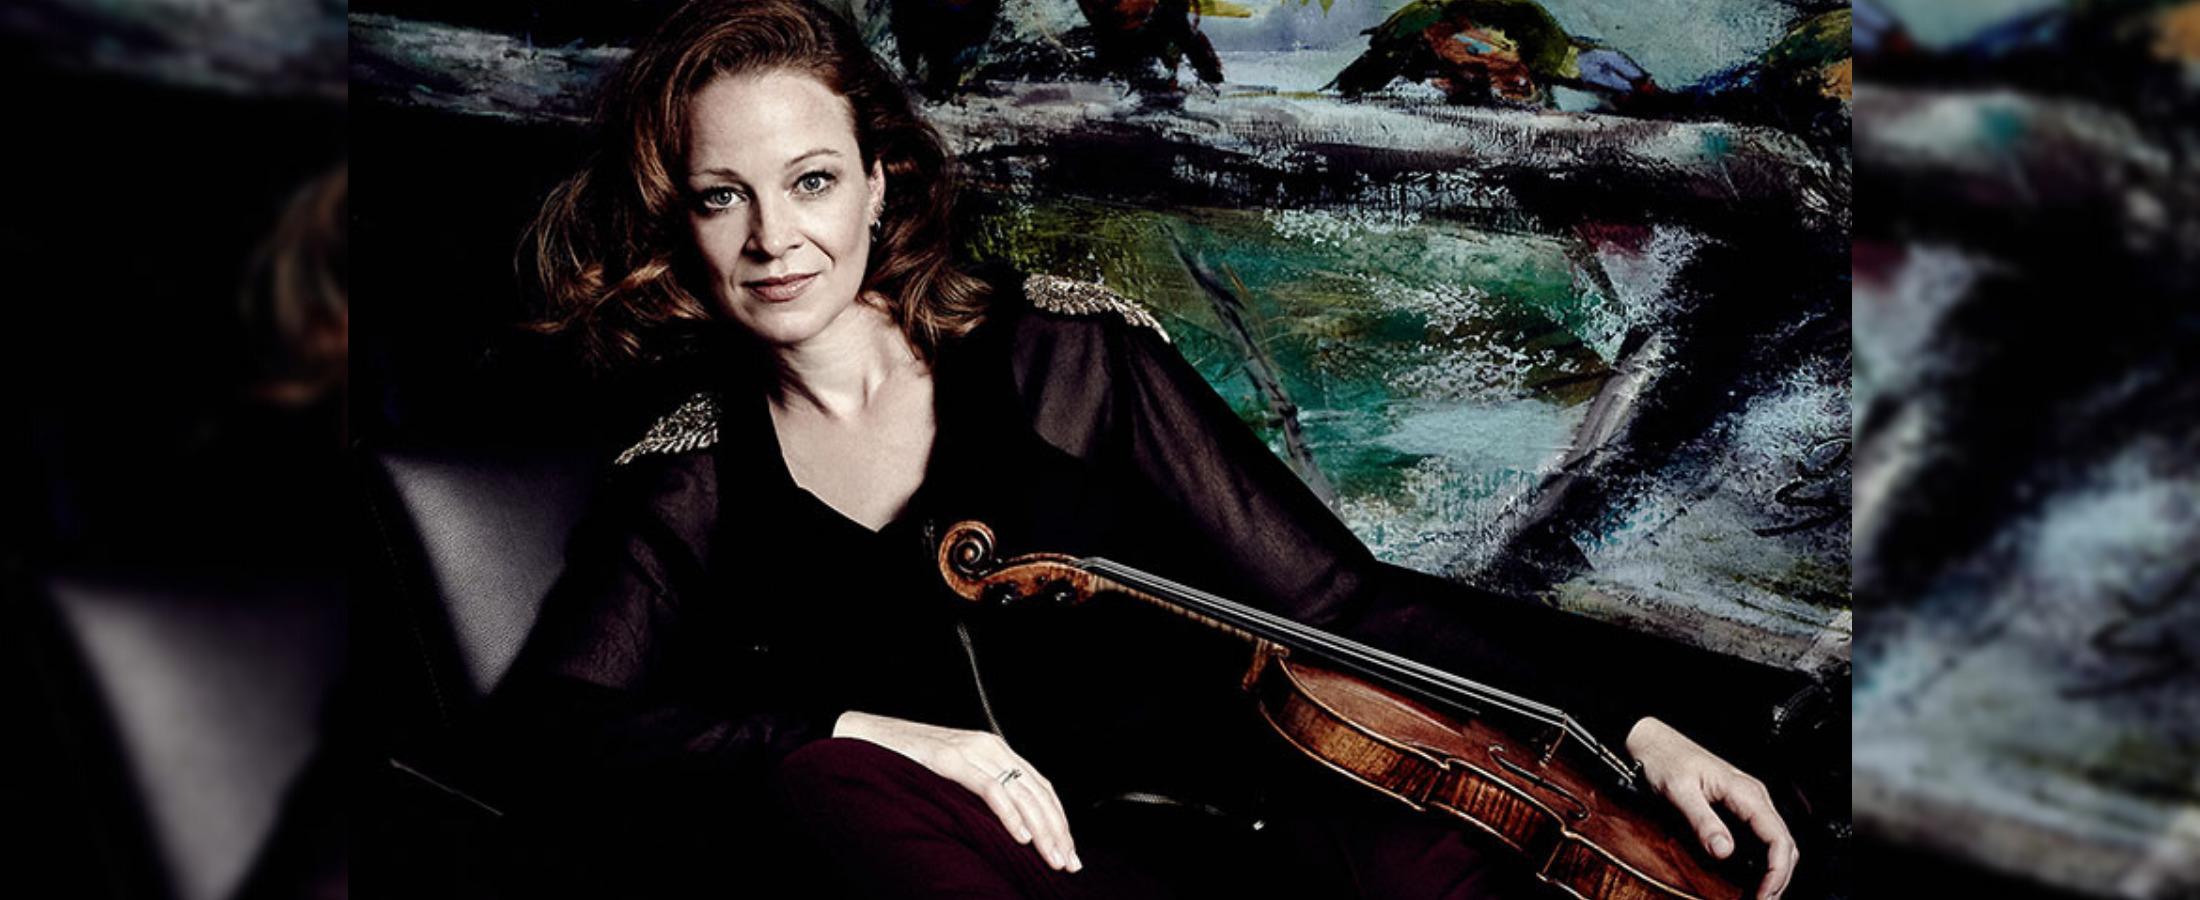 Kalender Event Konzertseite Carolin Widmann